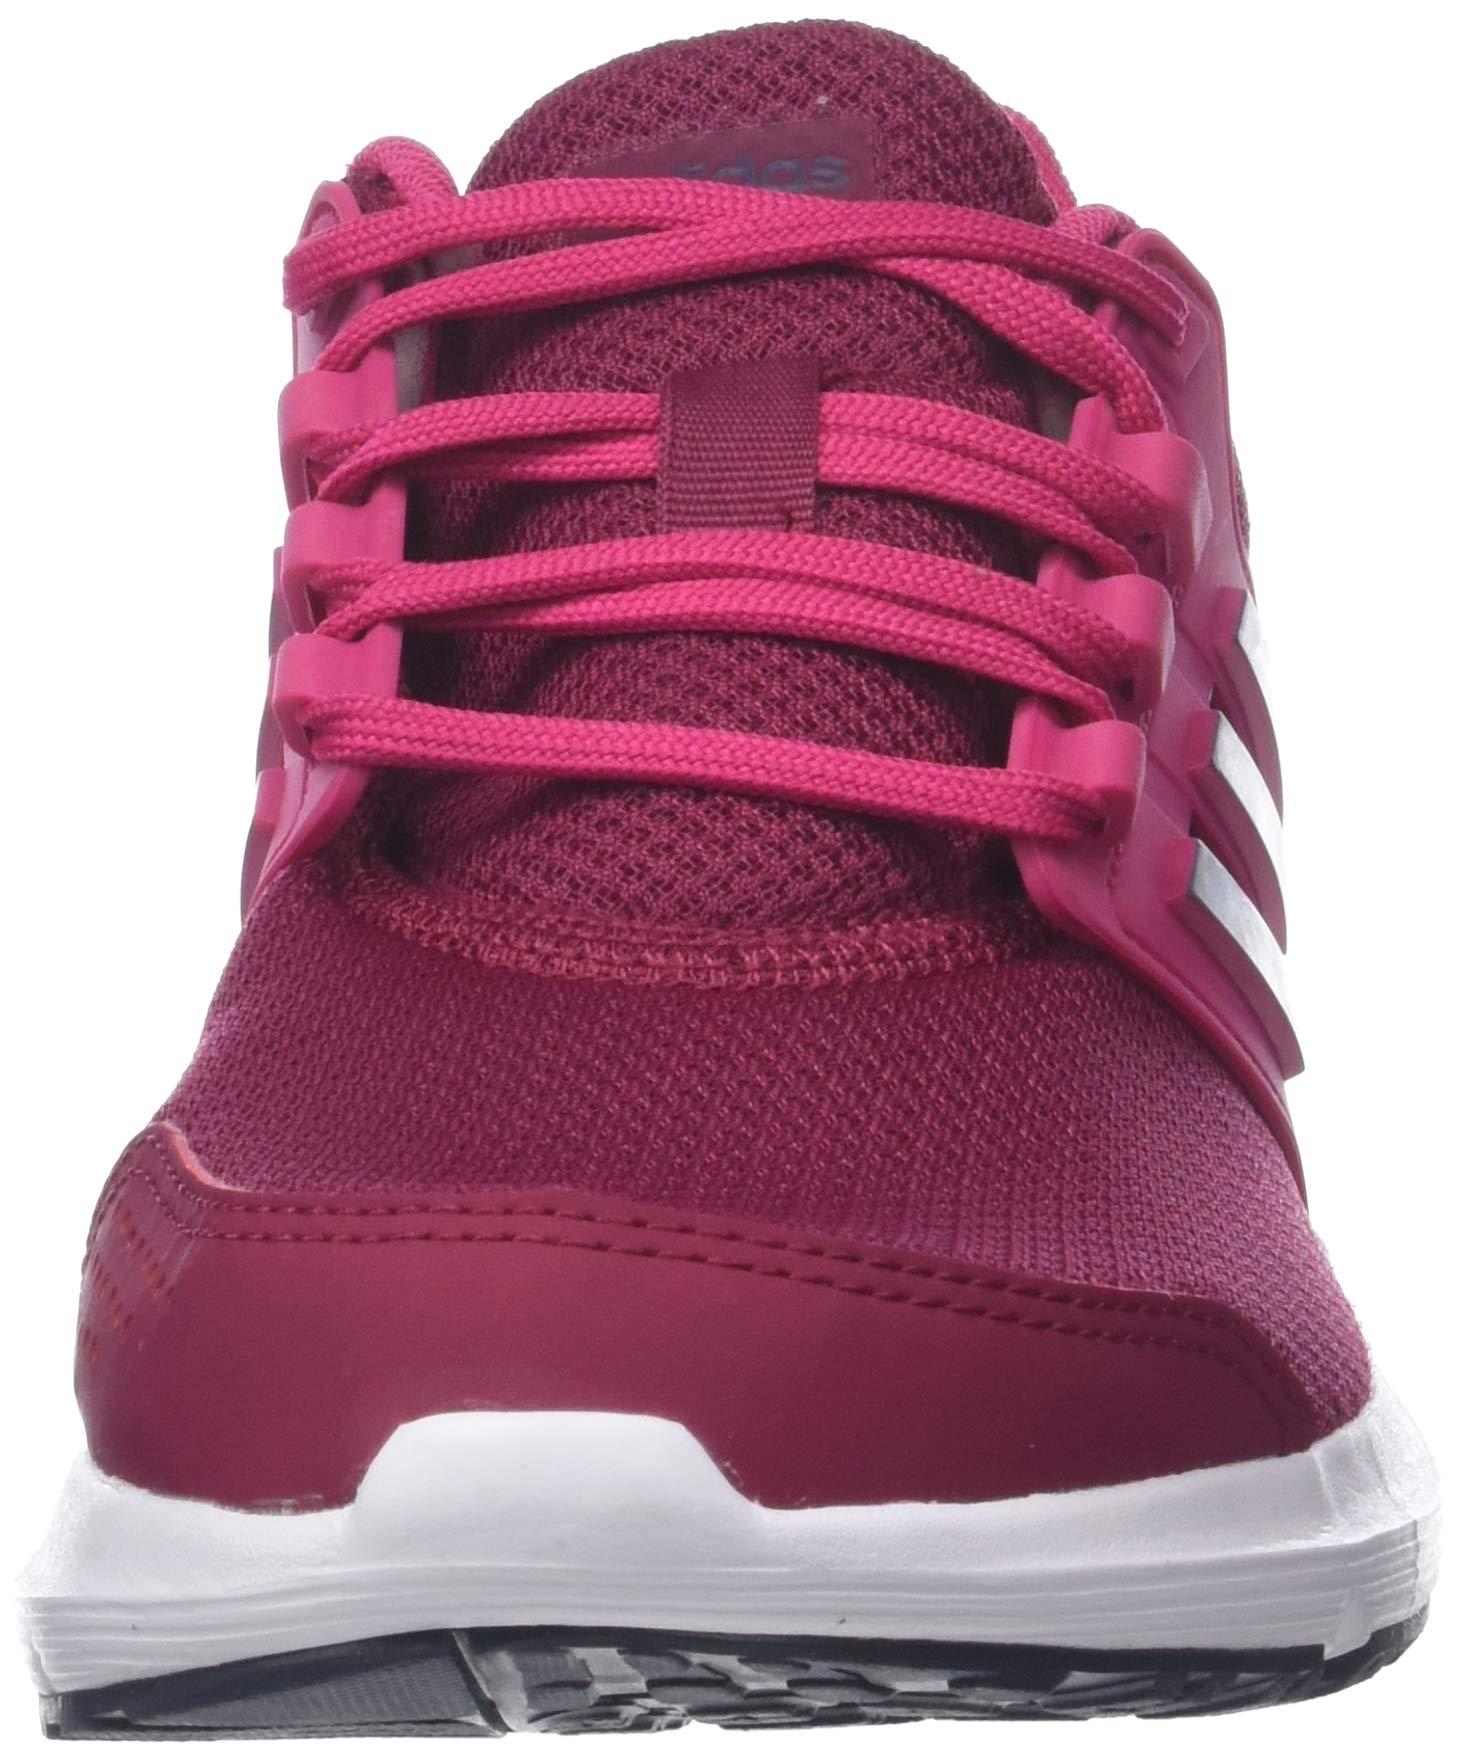 Adidas Galaxy 4, Scarpe da Corsa Donna 4 spesavip